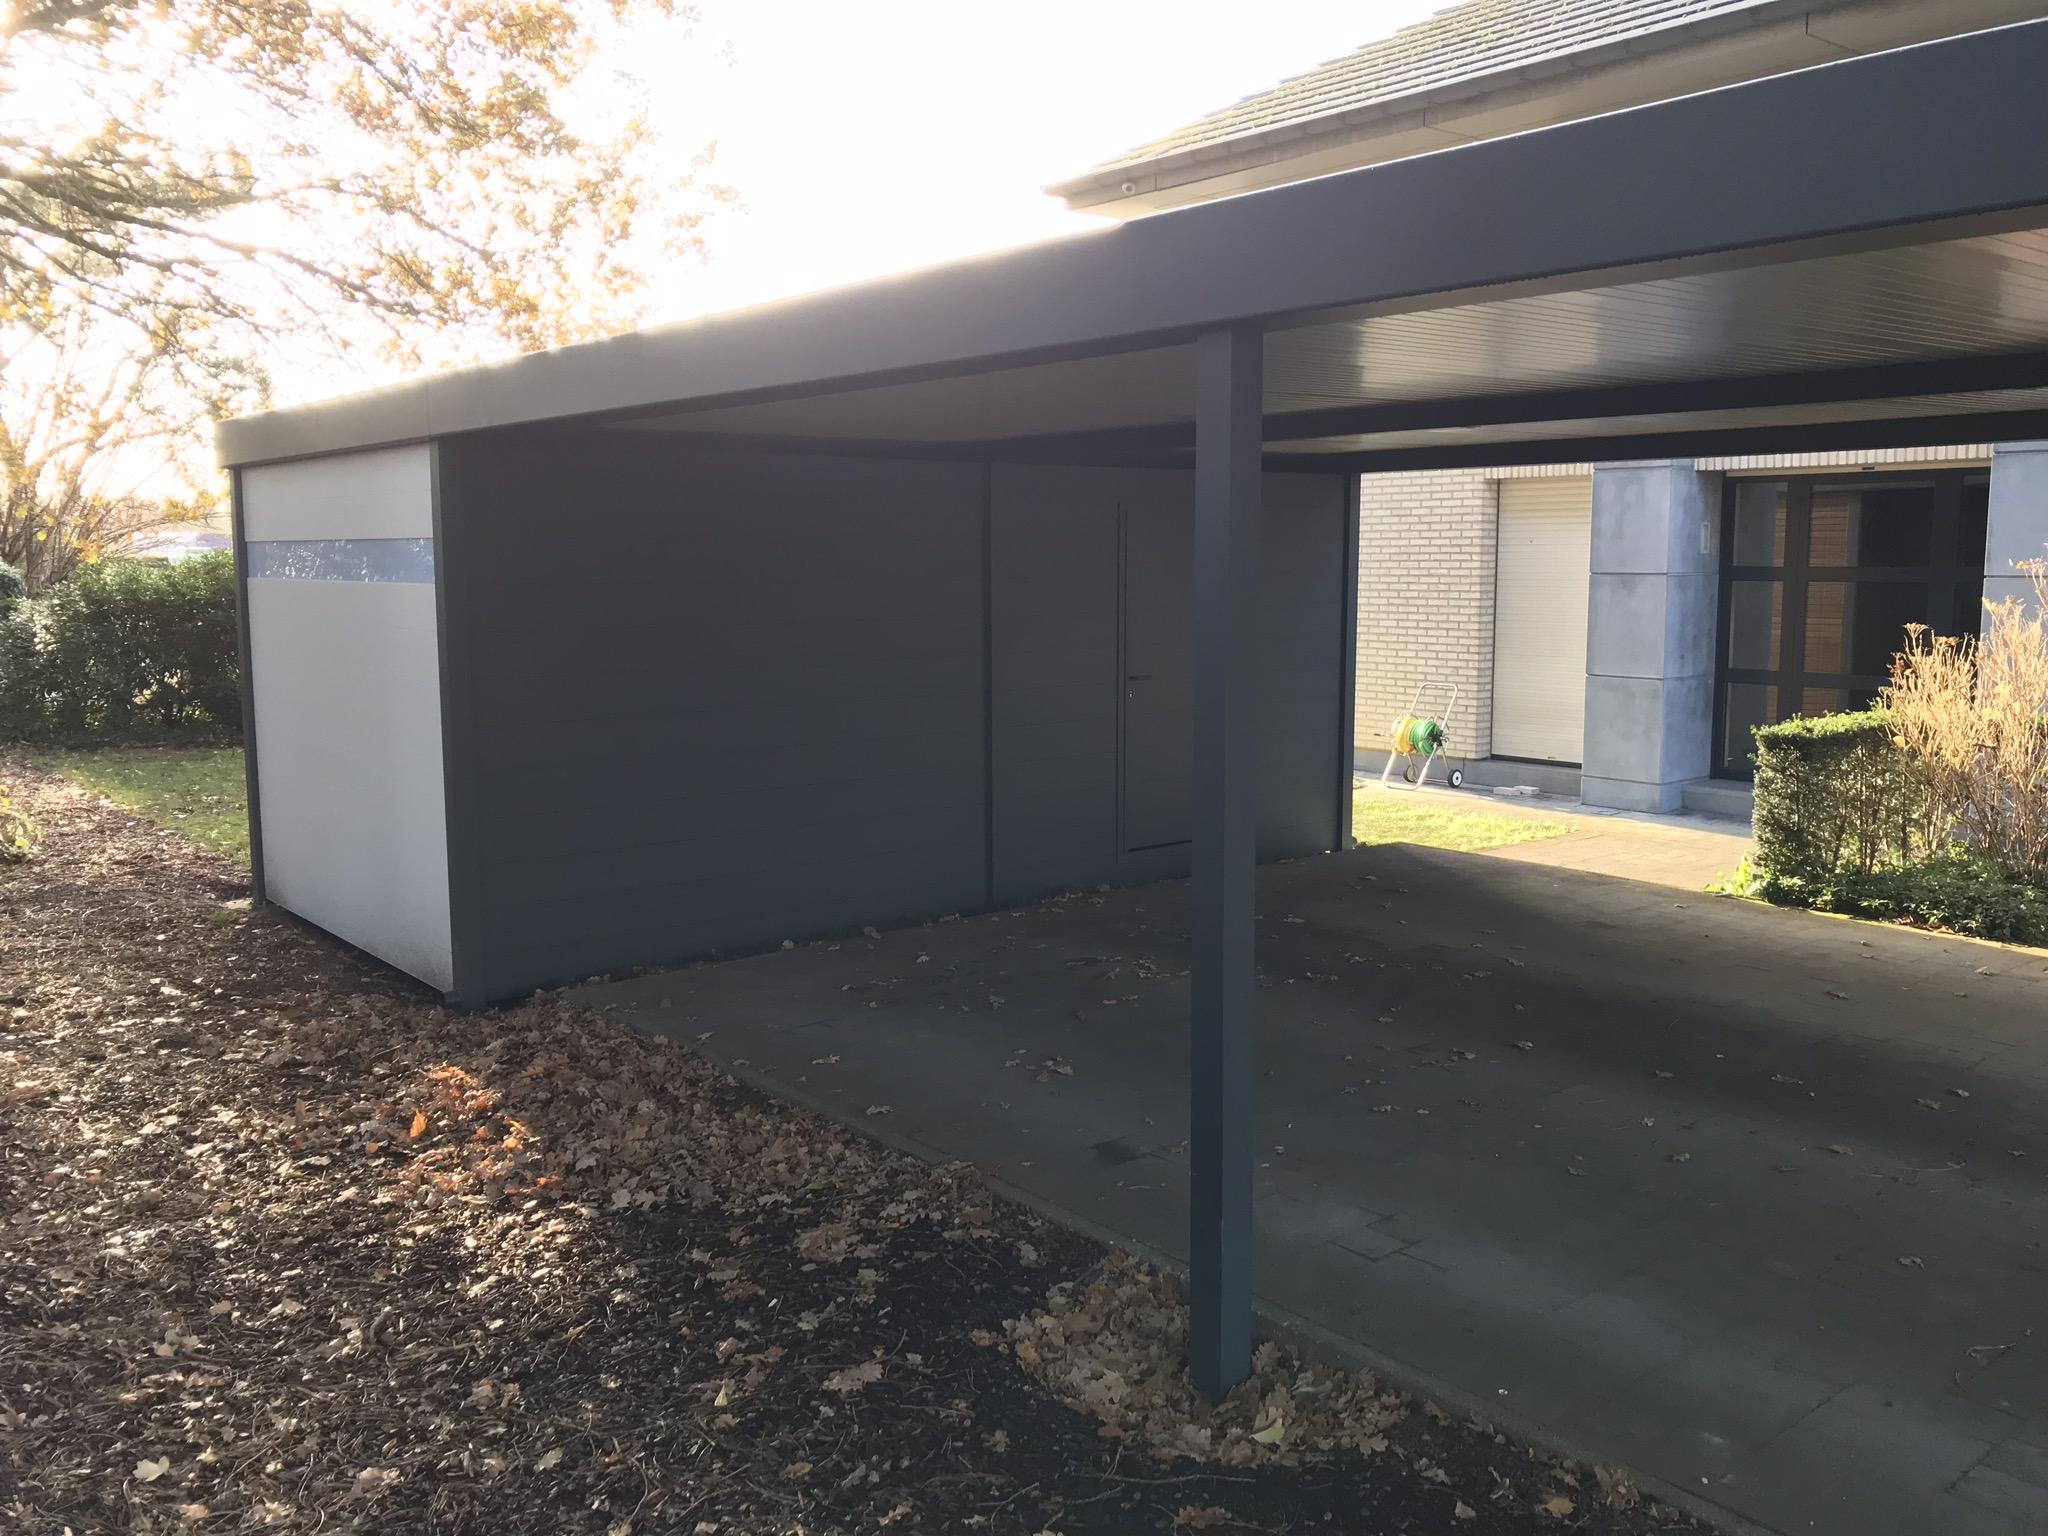 Nieuw Metallooks I aluminium tuinhuis in carport - Metallooks OG-01